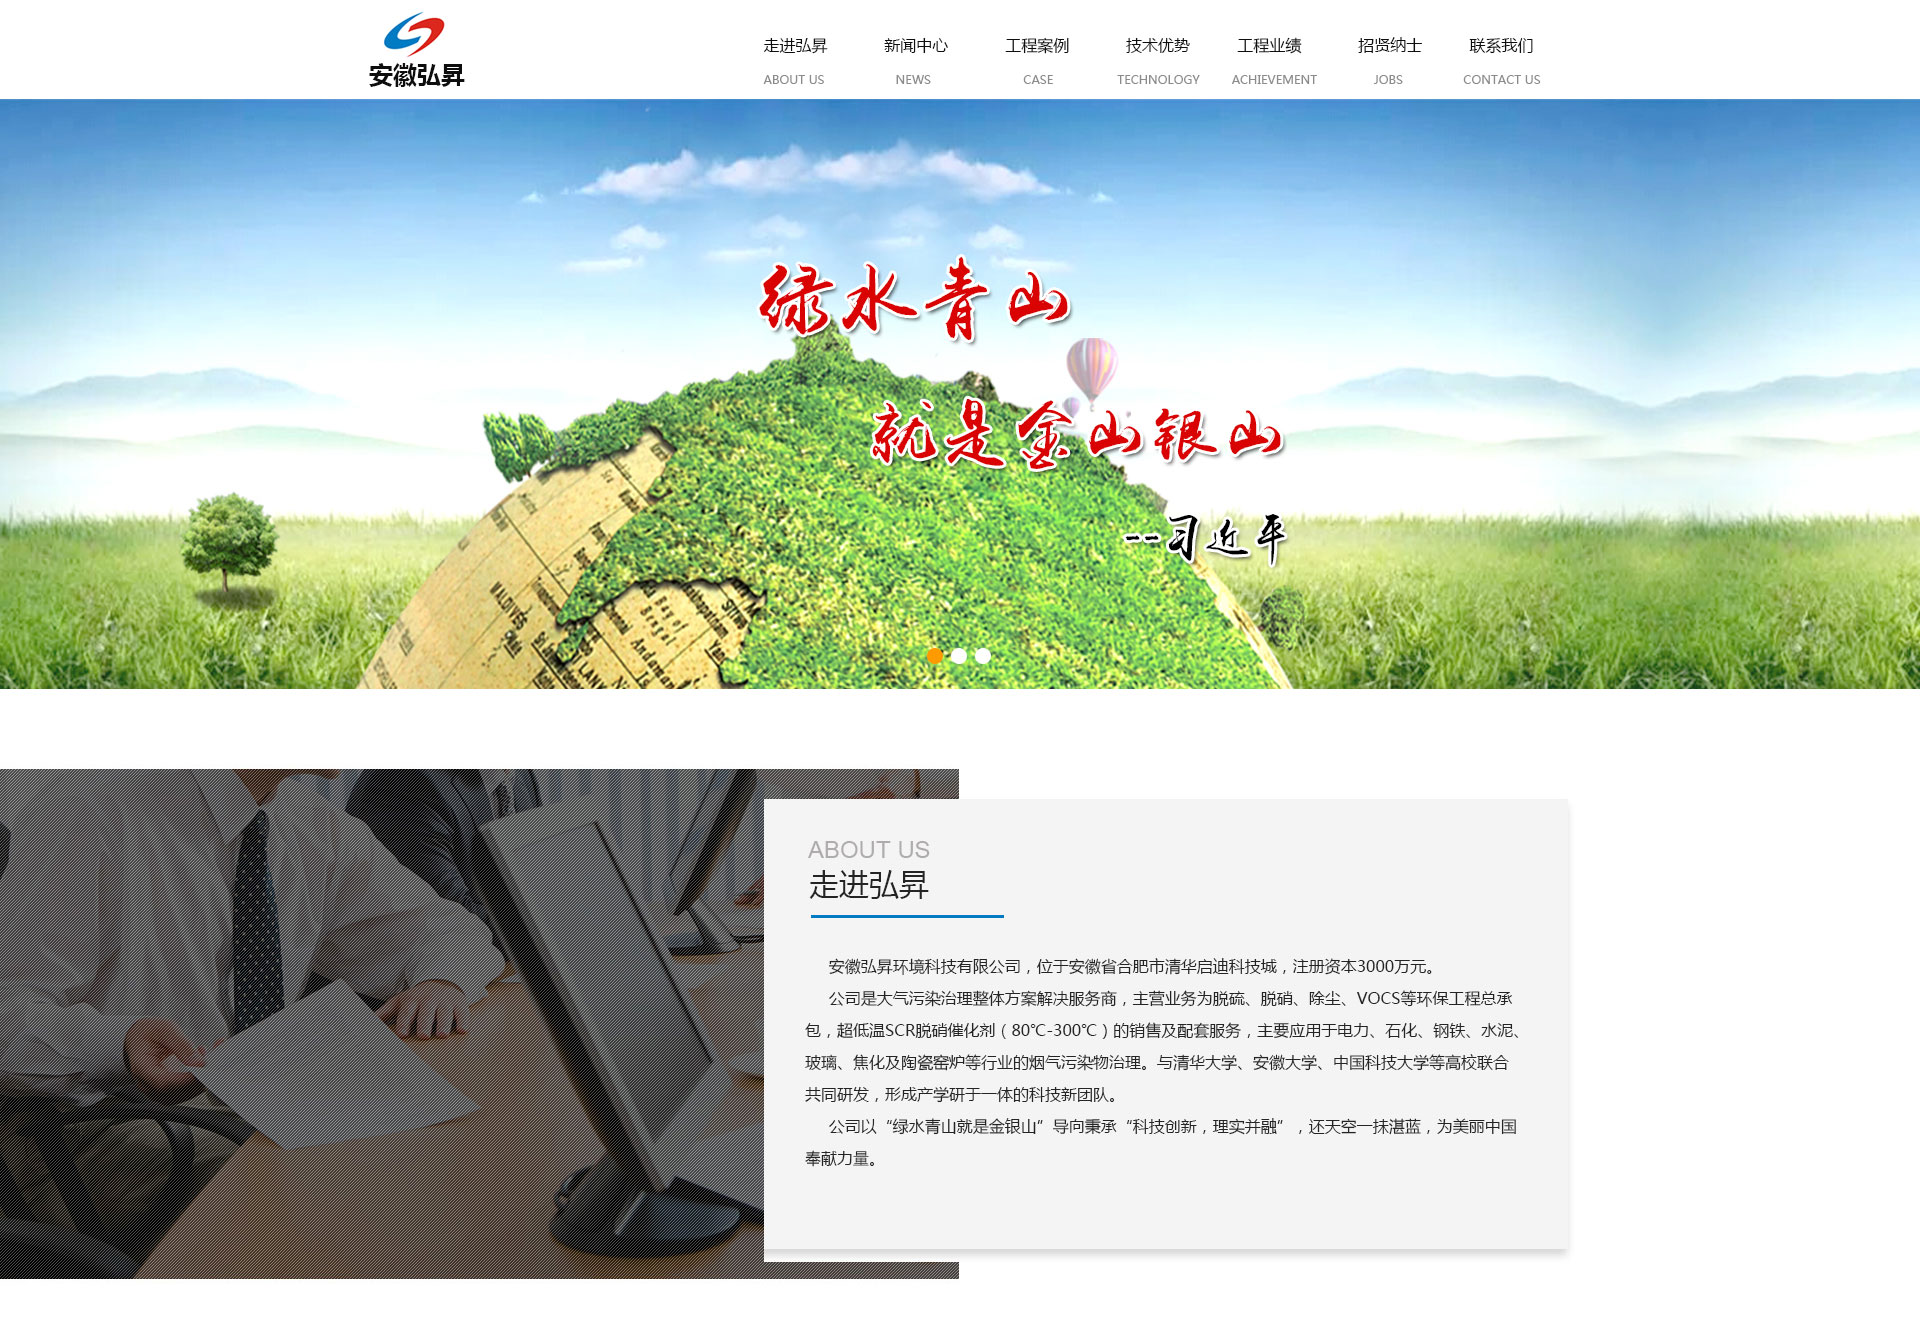 安徽弘昇环境科技有限公司